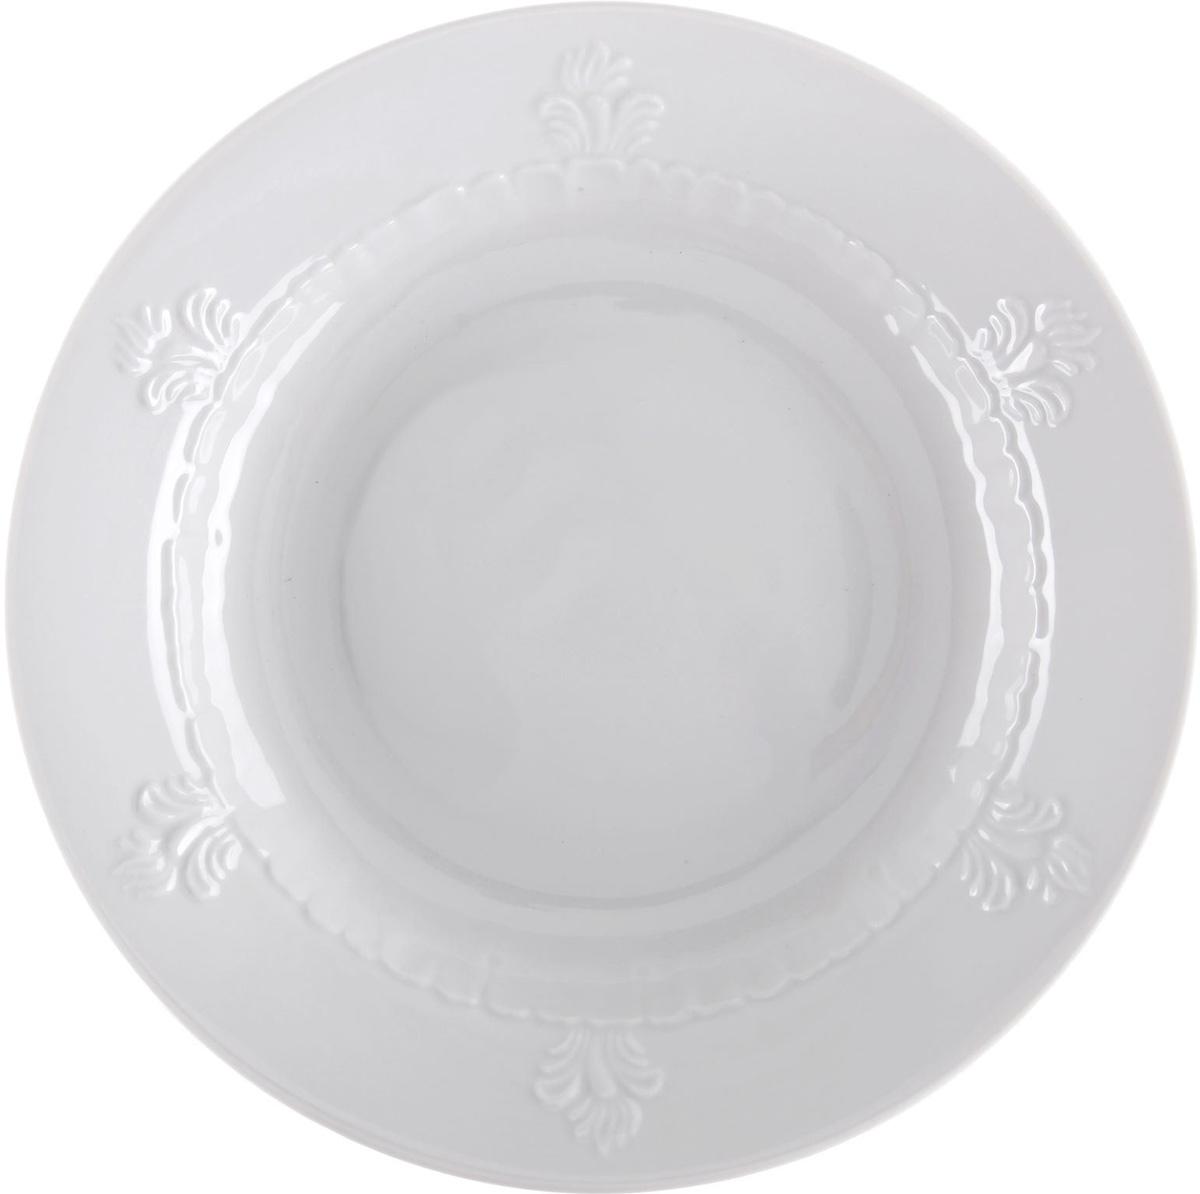 Тарелка глубокая Фарфор Вербилок, диаметр 23,5 см. 13441341344134От качества посуды зависит не только вкус еды, но и здоровье человека. Тарелка - товар, соответствующий российским стандартам качества. Любой хозяйке будет приятно держать его в руках. С такой посудой и кухонной утварью приготовление еды и сервировка стола превратятся в настоящий праздник.